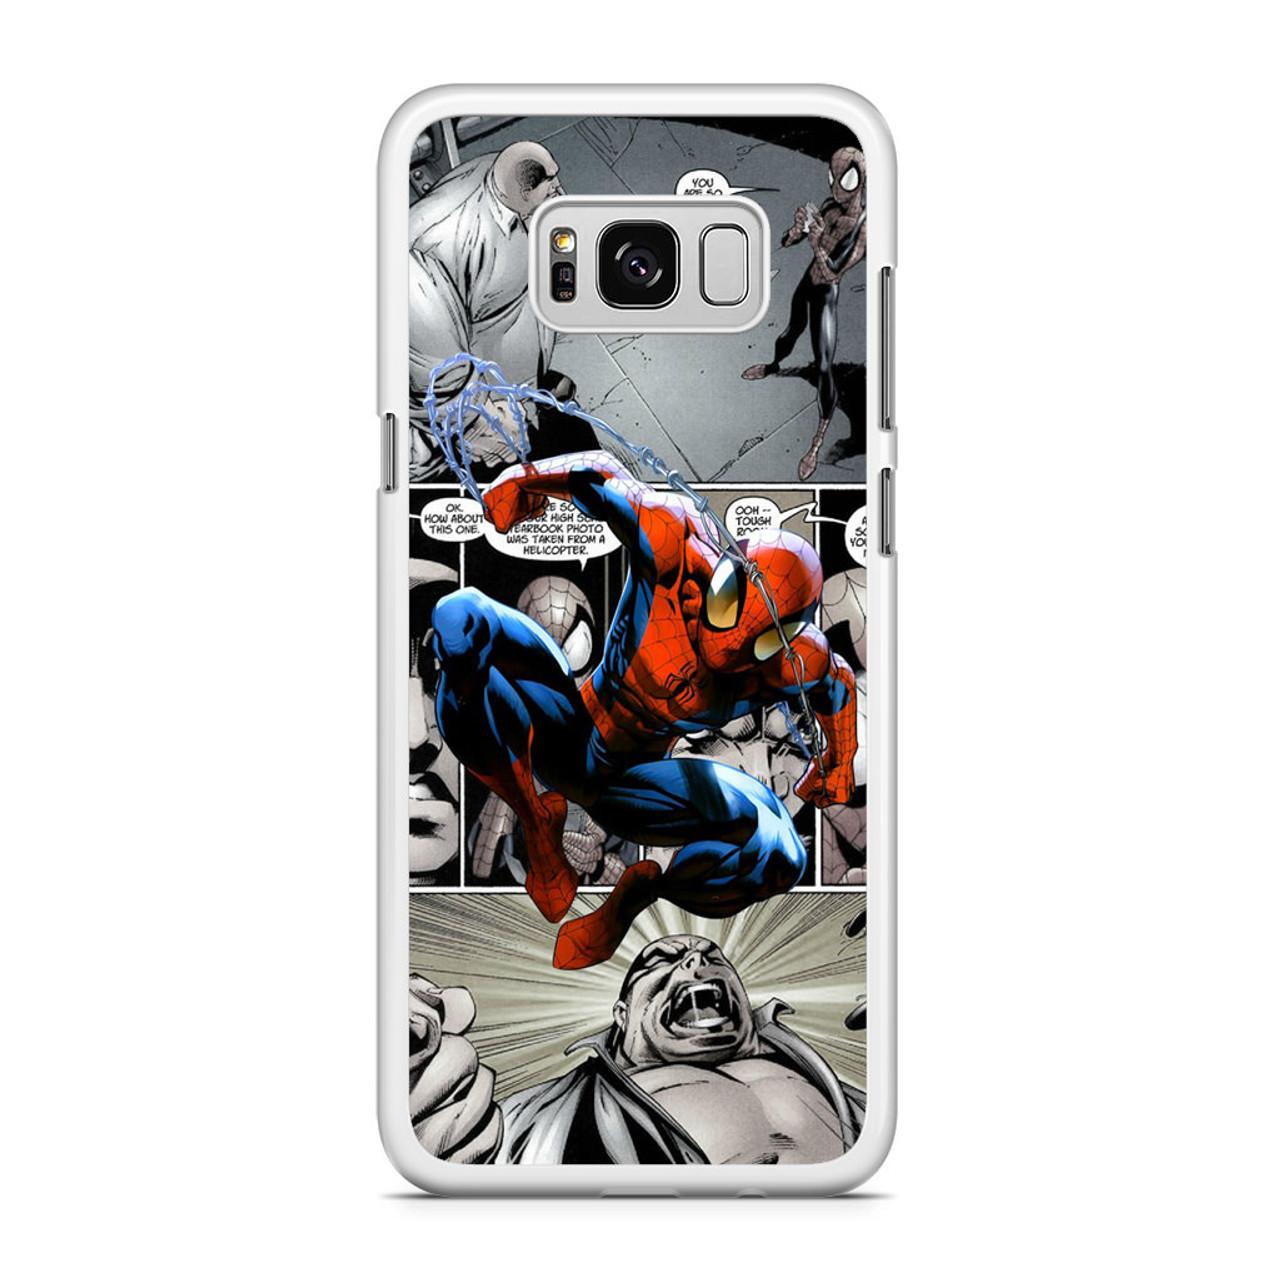 Spiderman Comics Wallpaper Samsung Galaxy S8 Plus Case Caseshunter